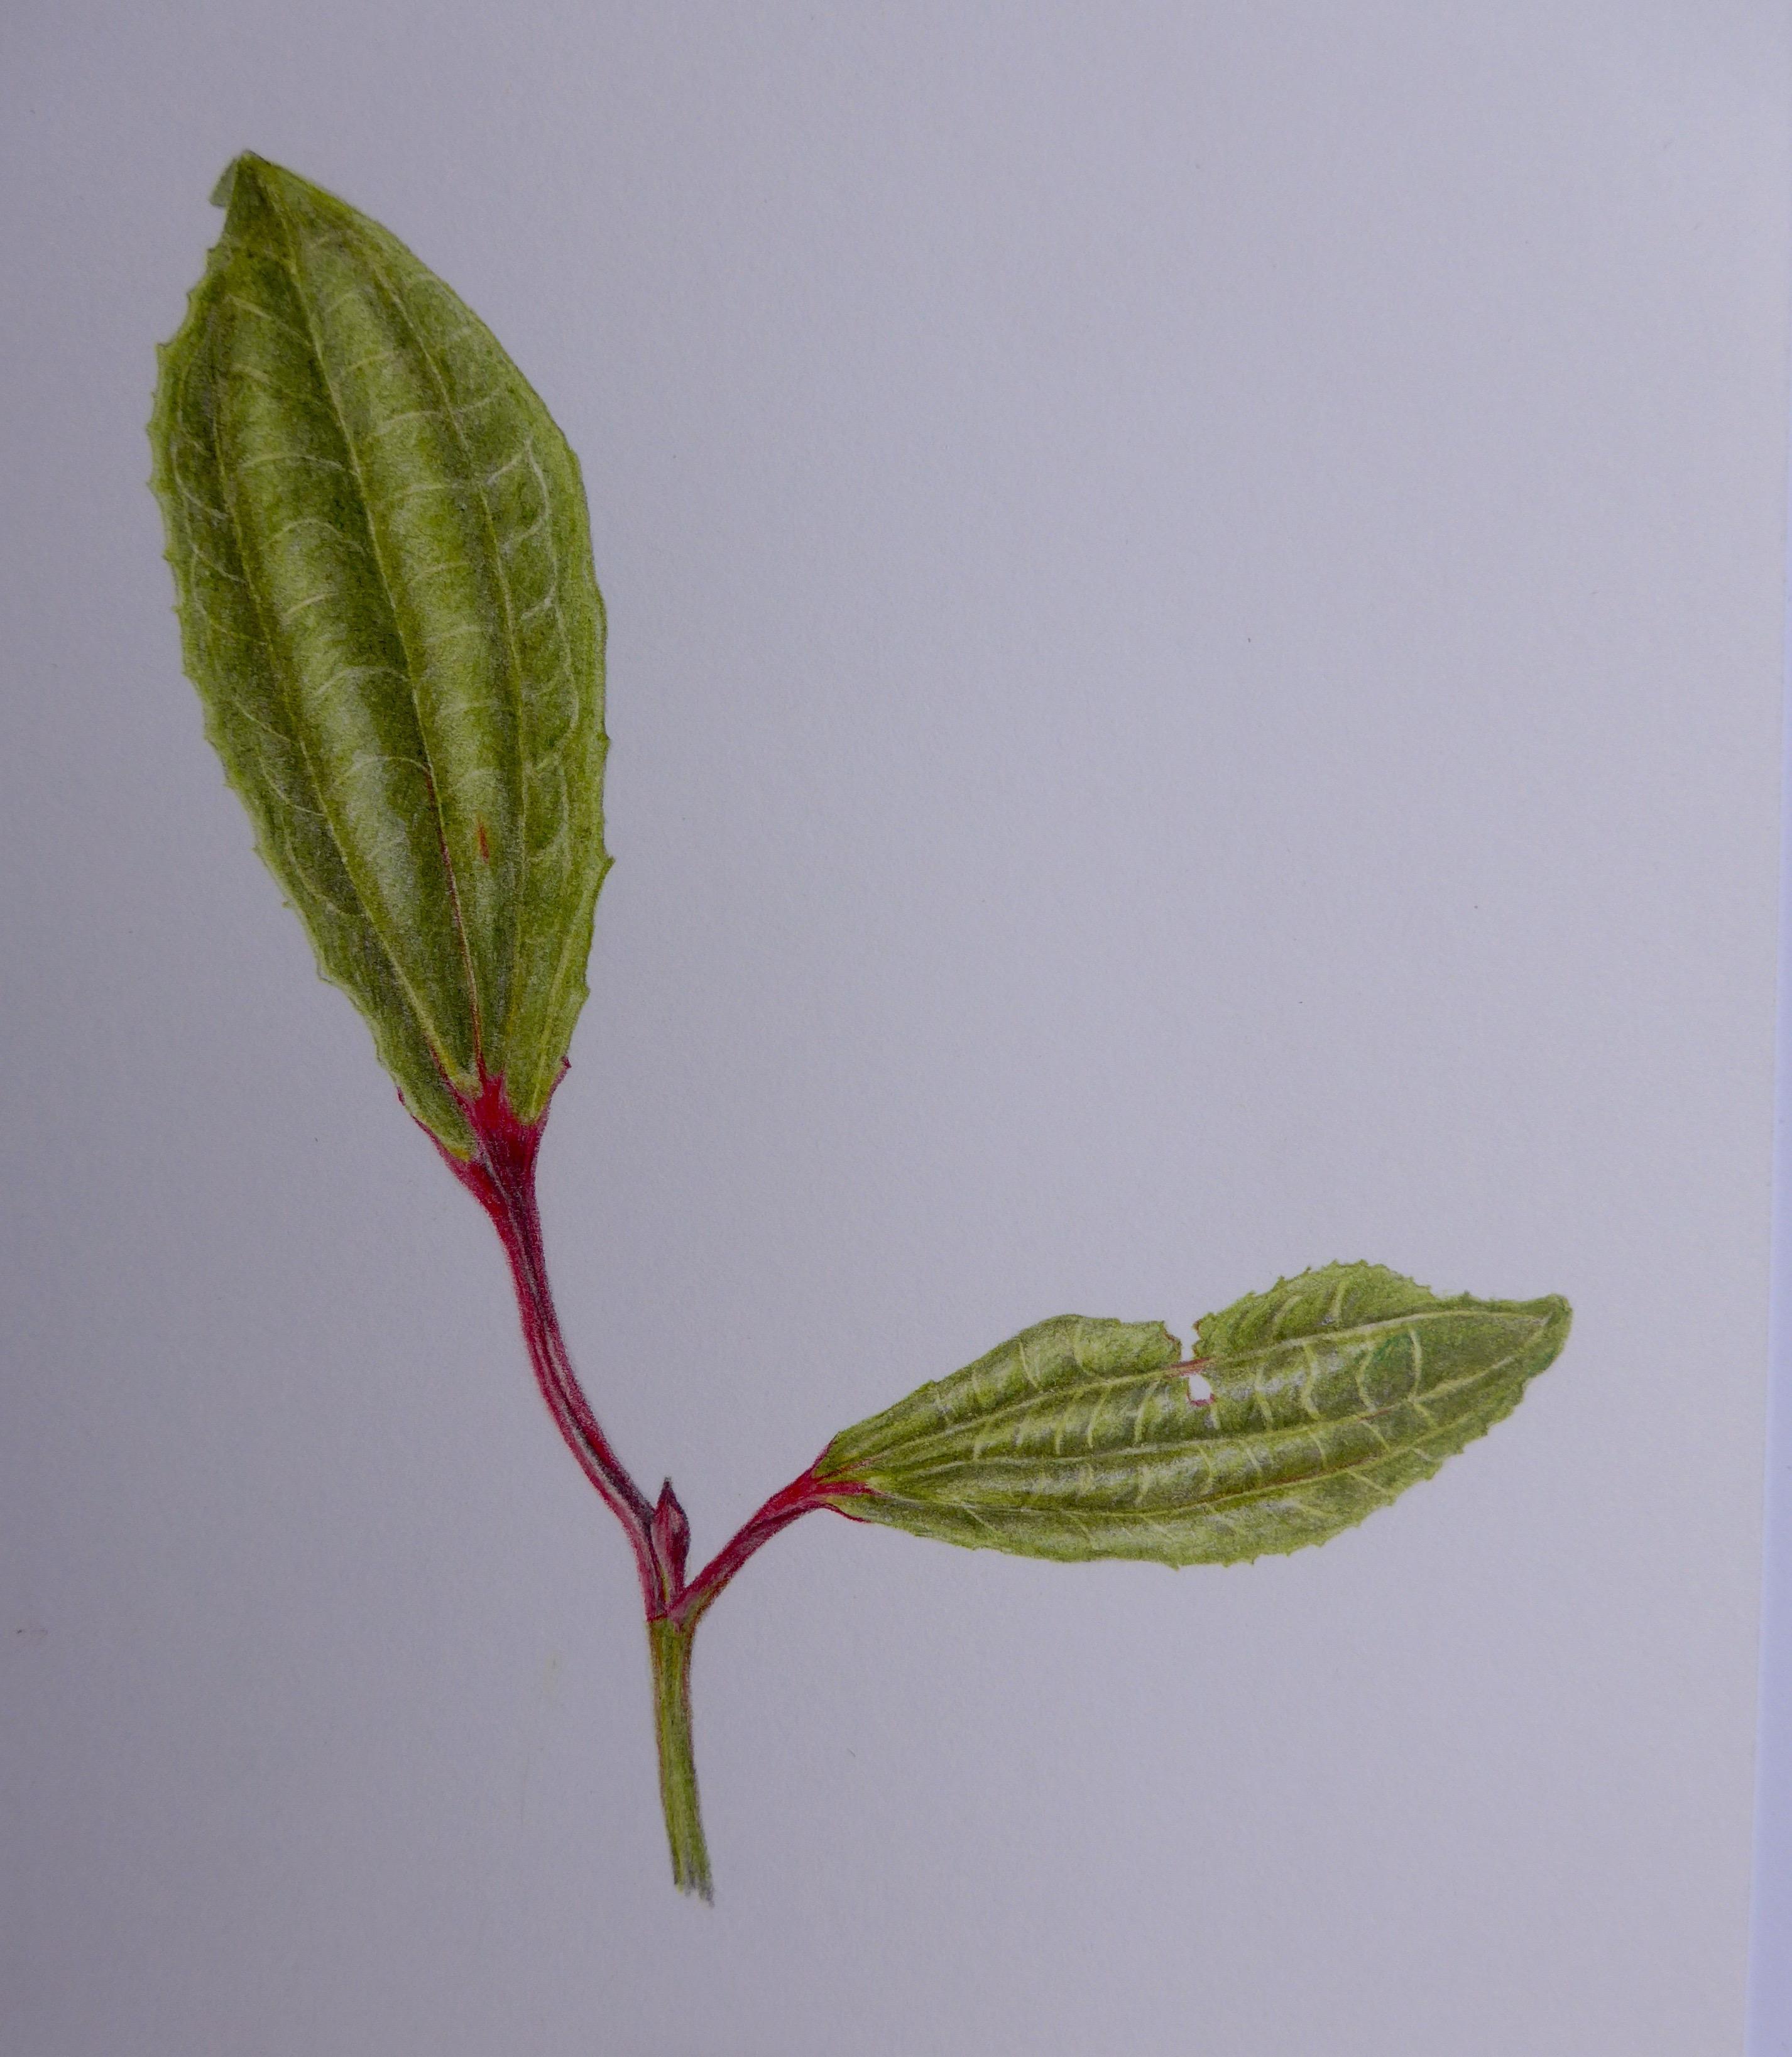 290 Unknown shrub leaf